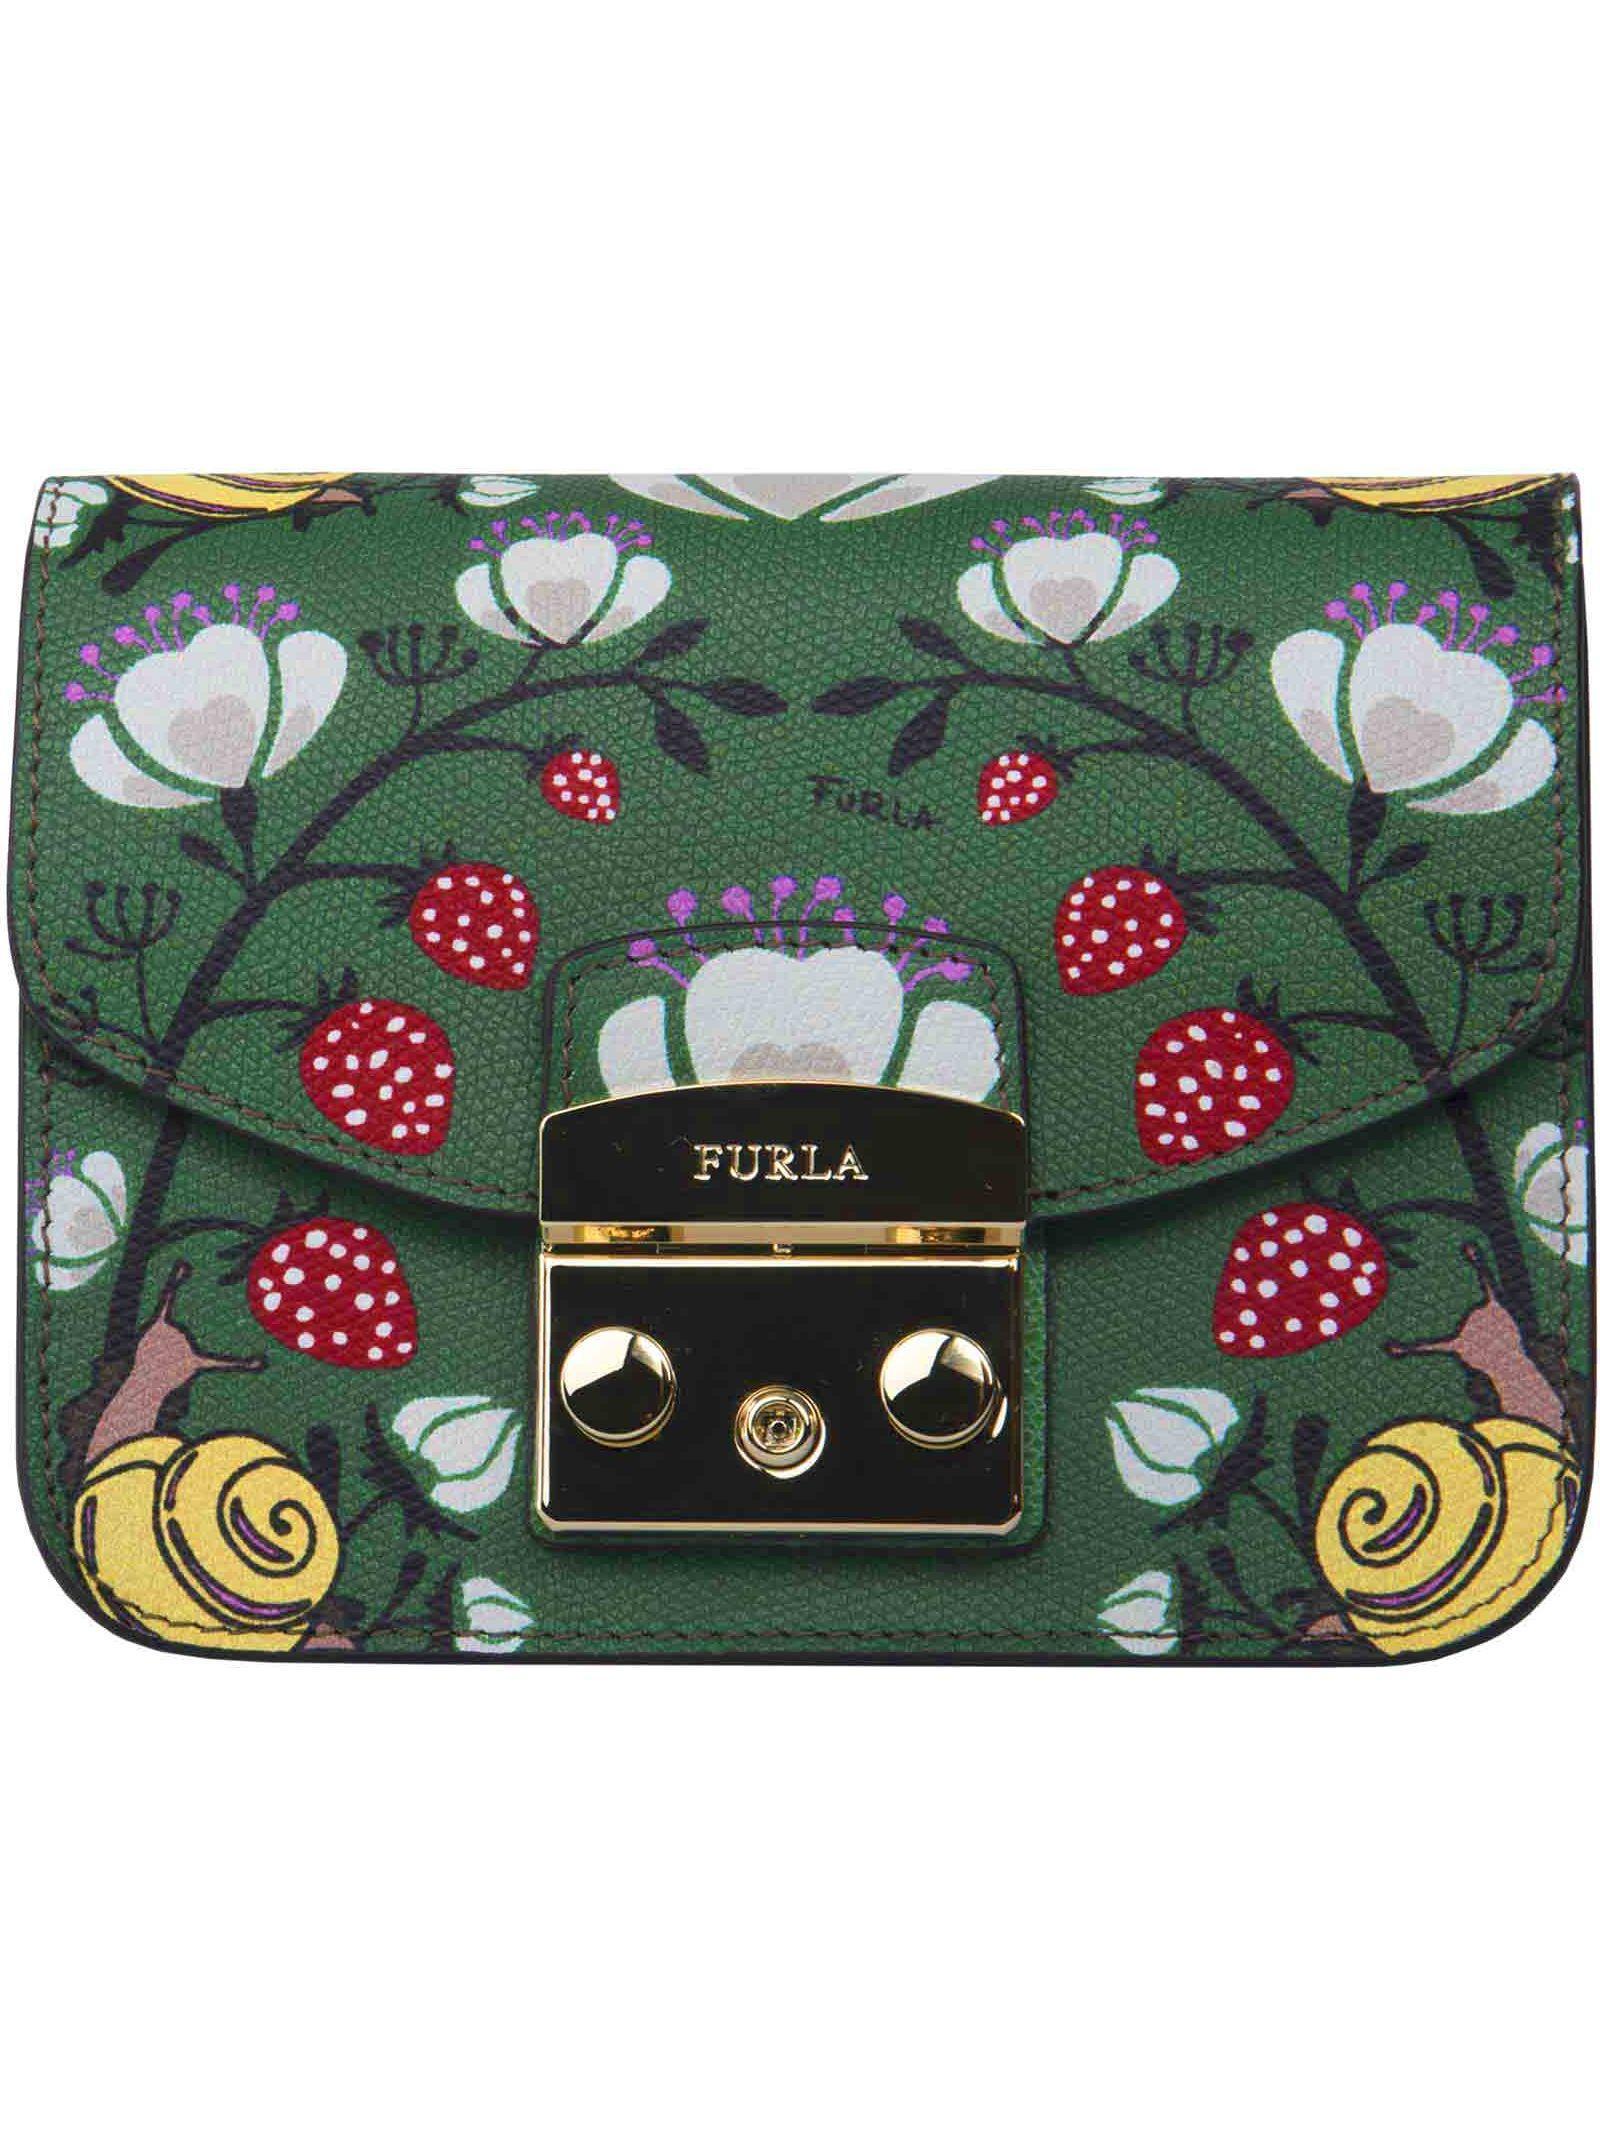 Furla Metropolis Print Mini Shoulder Bag In Green